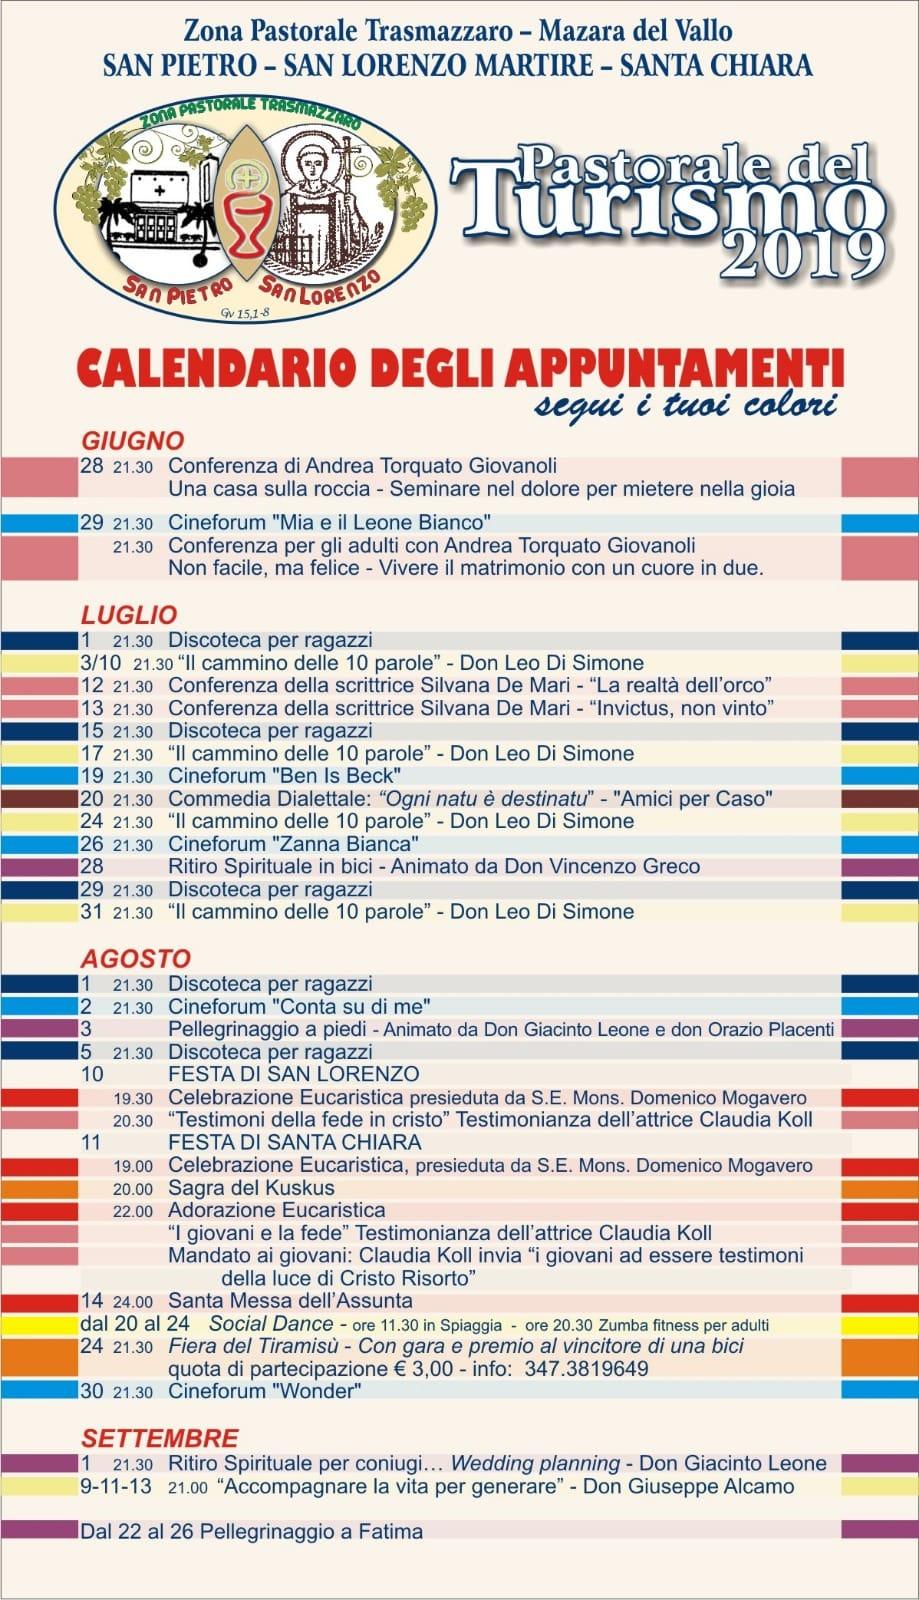 Calendario Comunioni 2020.Agenda Diocesi Mazara Del Vallo